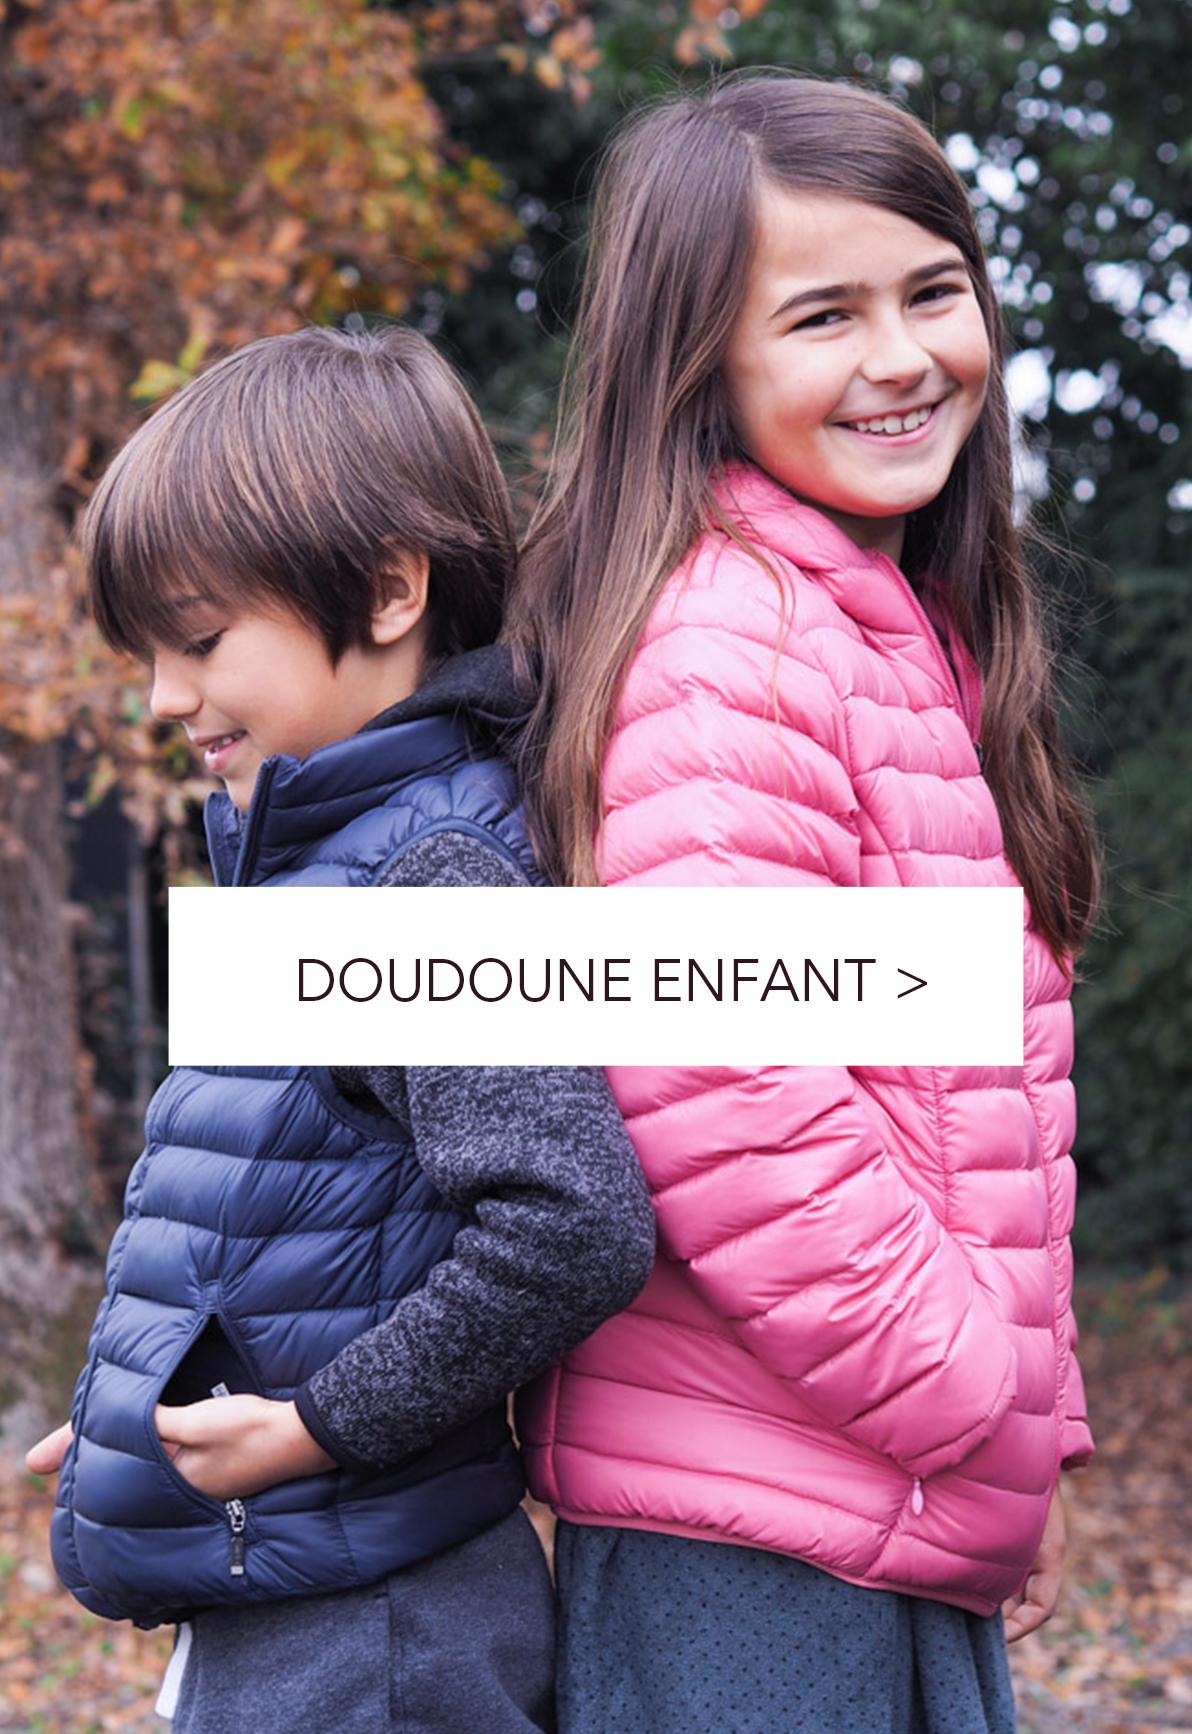 Doudoune Enfant